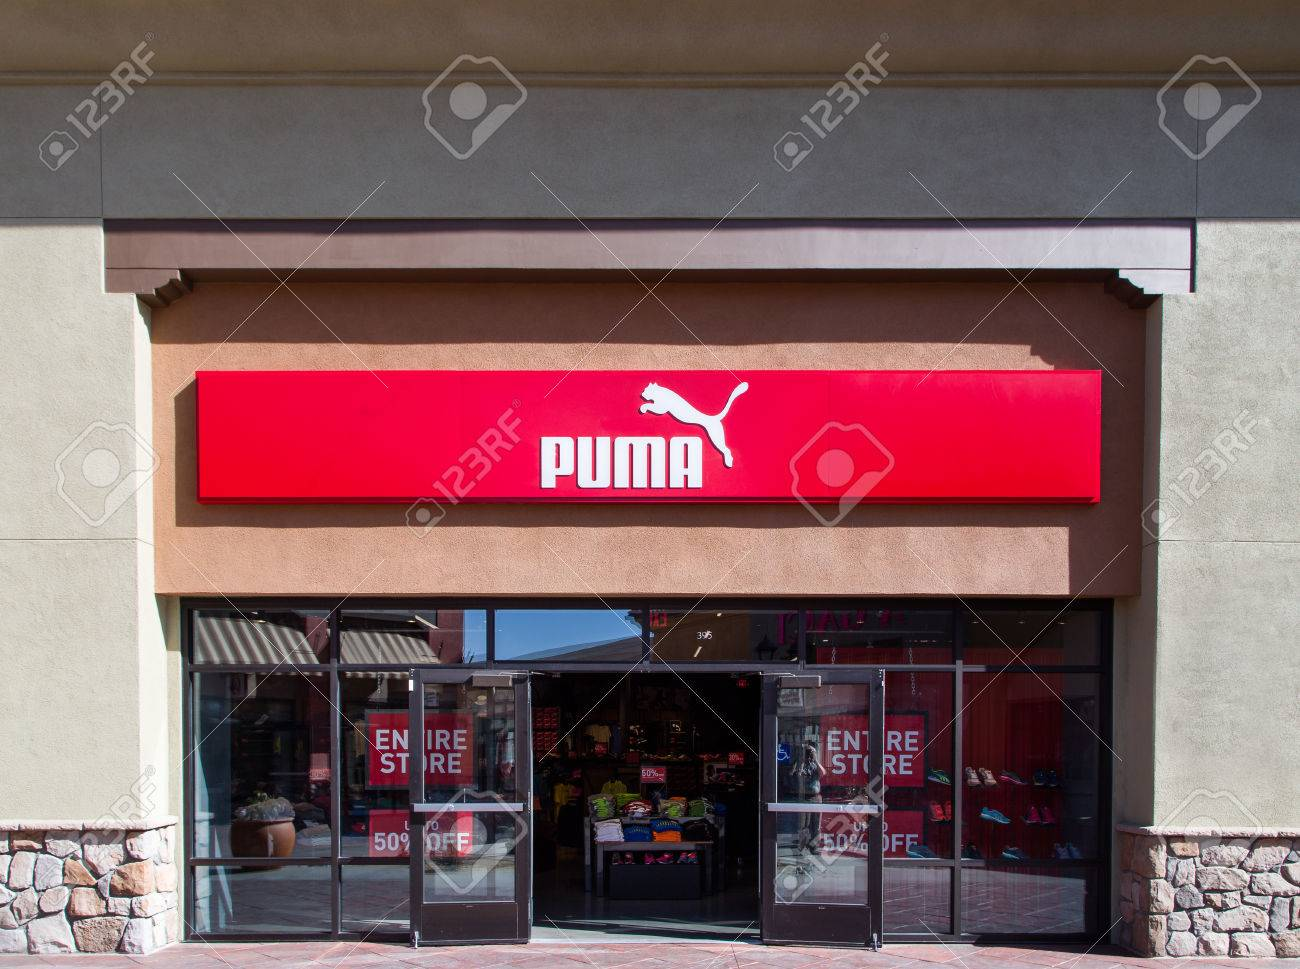 negozio puma